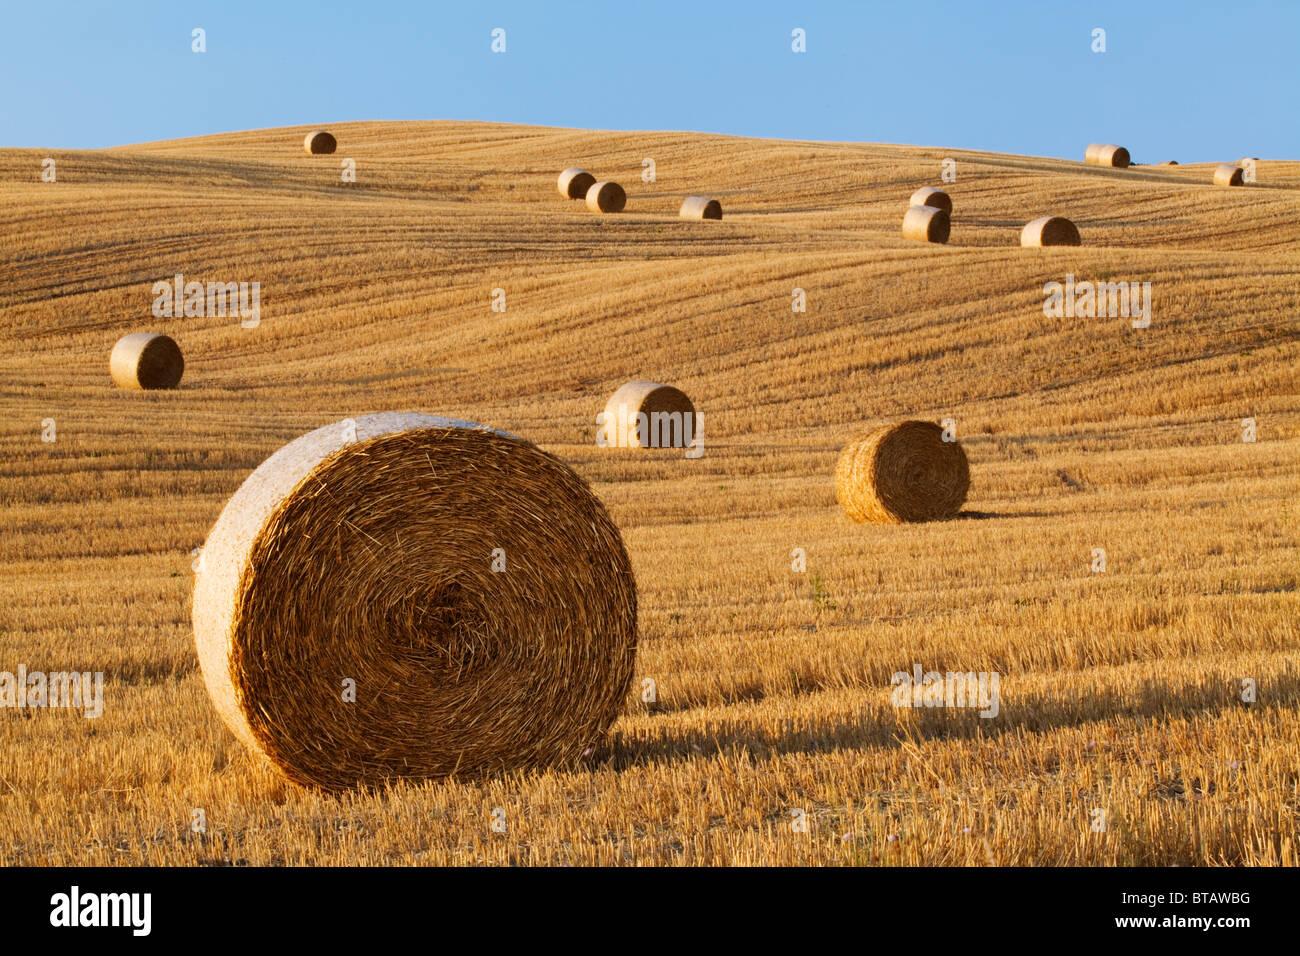 Hay rolls in a field near Pienza, Tuscany, Italy - Stock Image